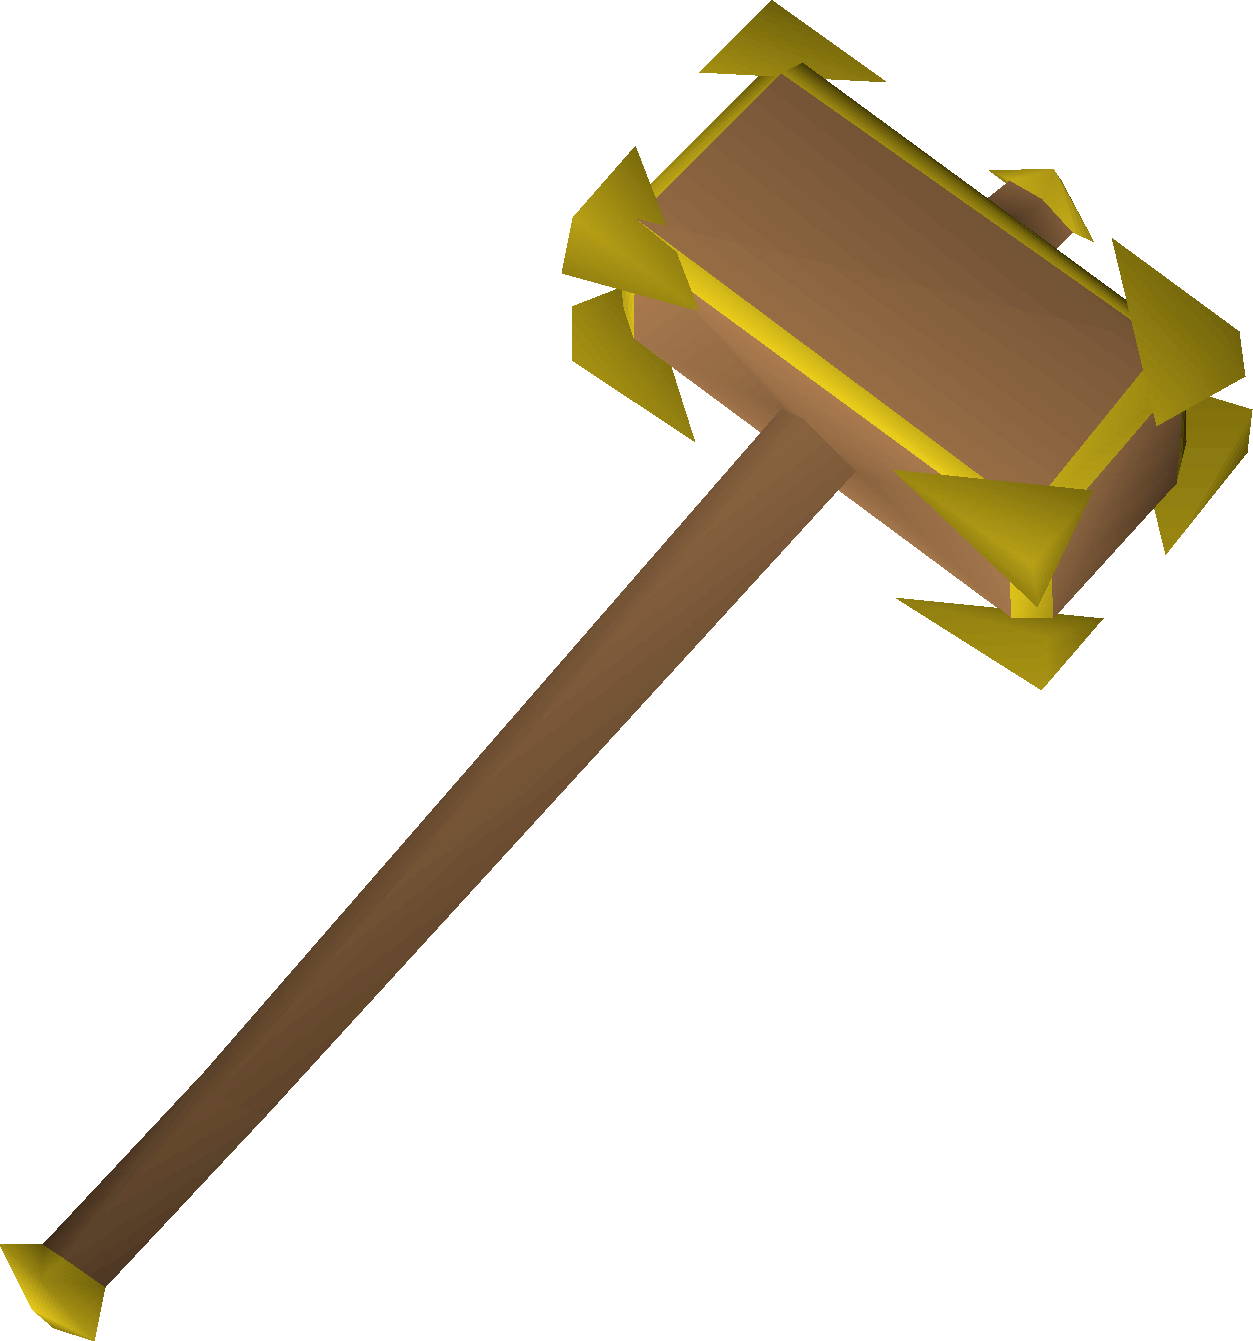 File:Gadderhammer detail.png